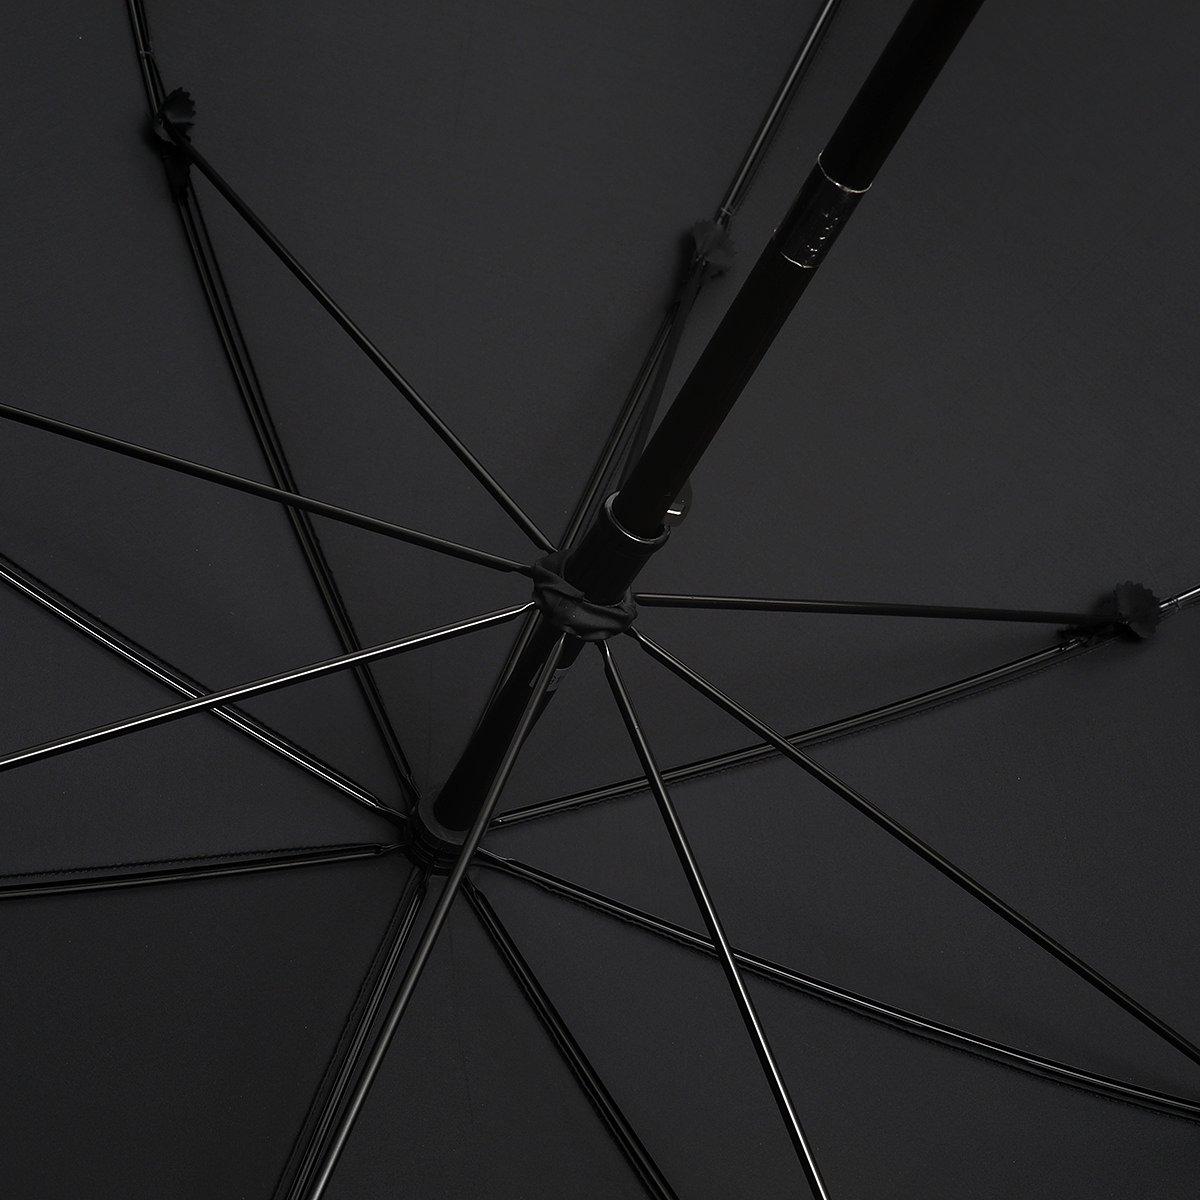 太鼓傘 - 樫棒 詳細画像9